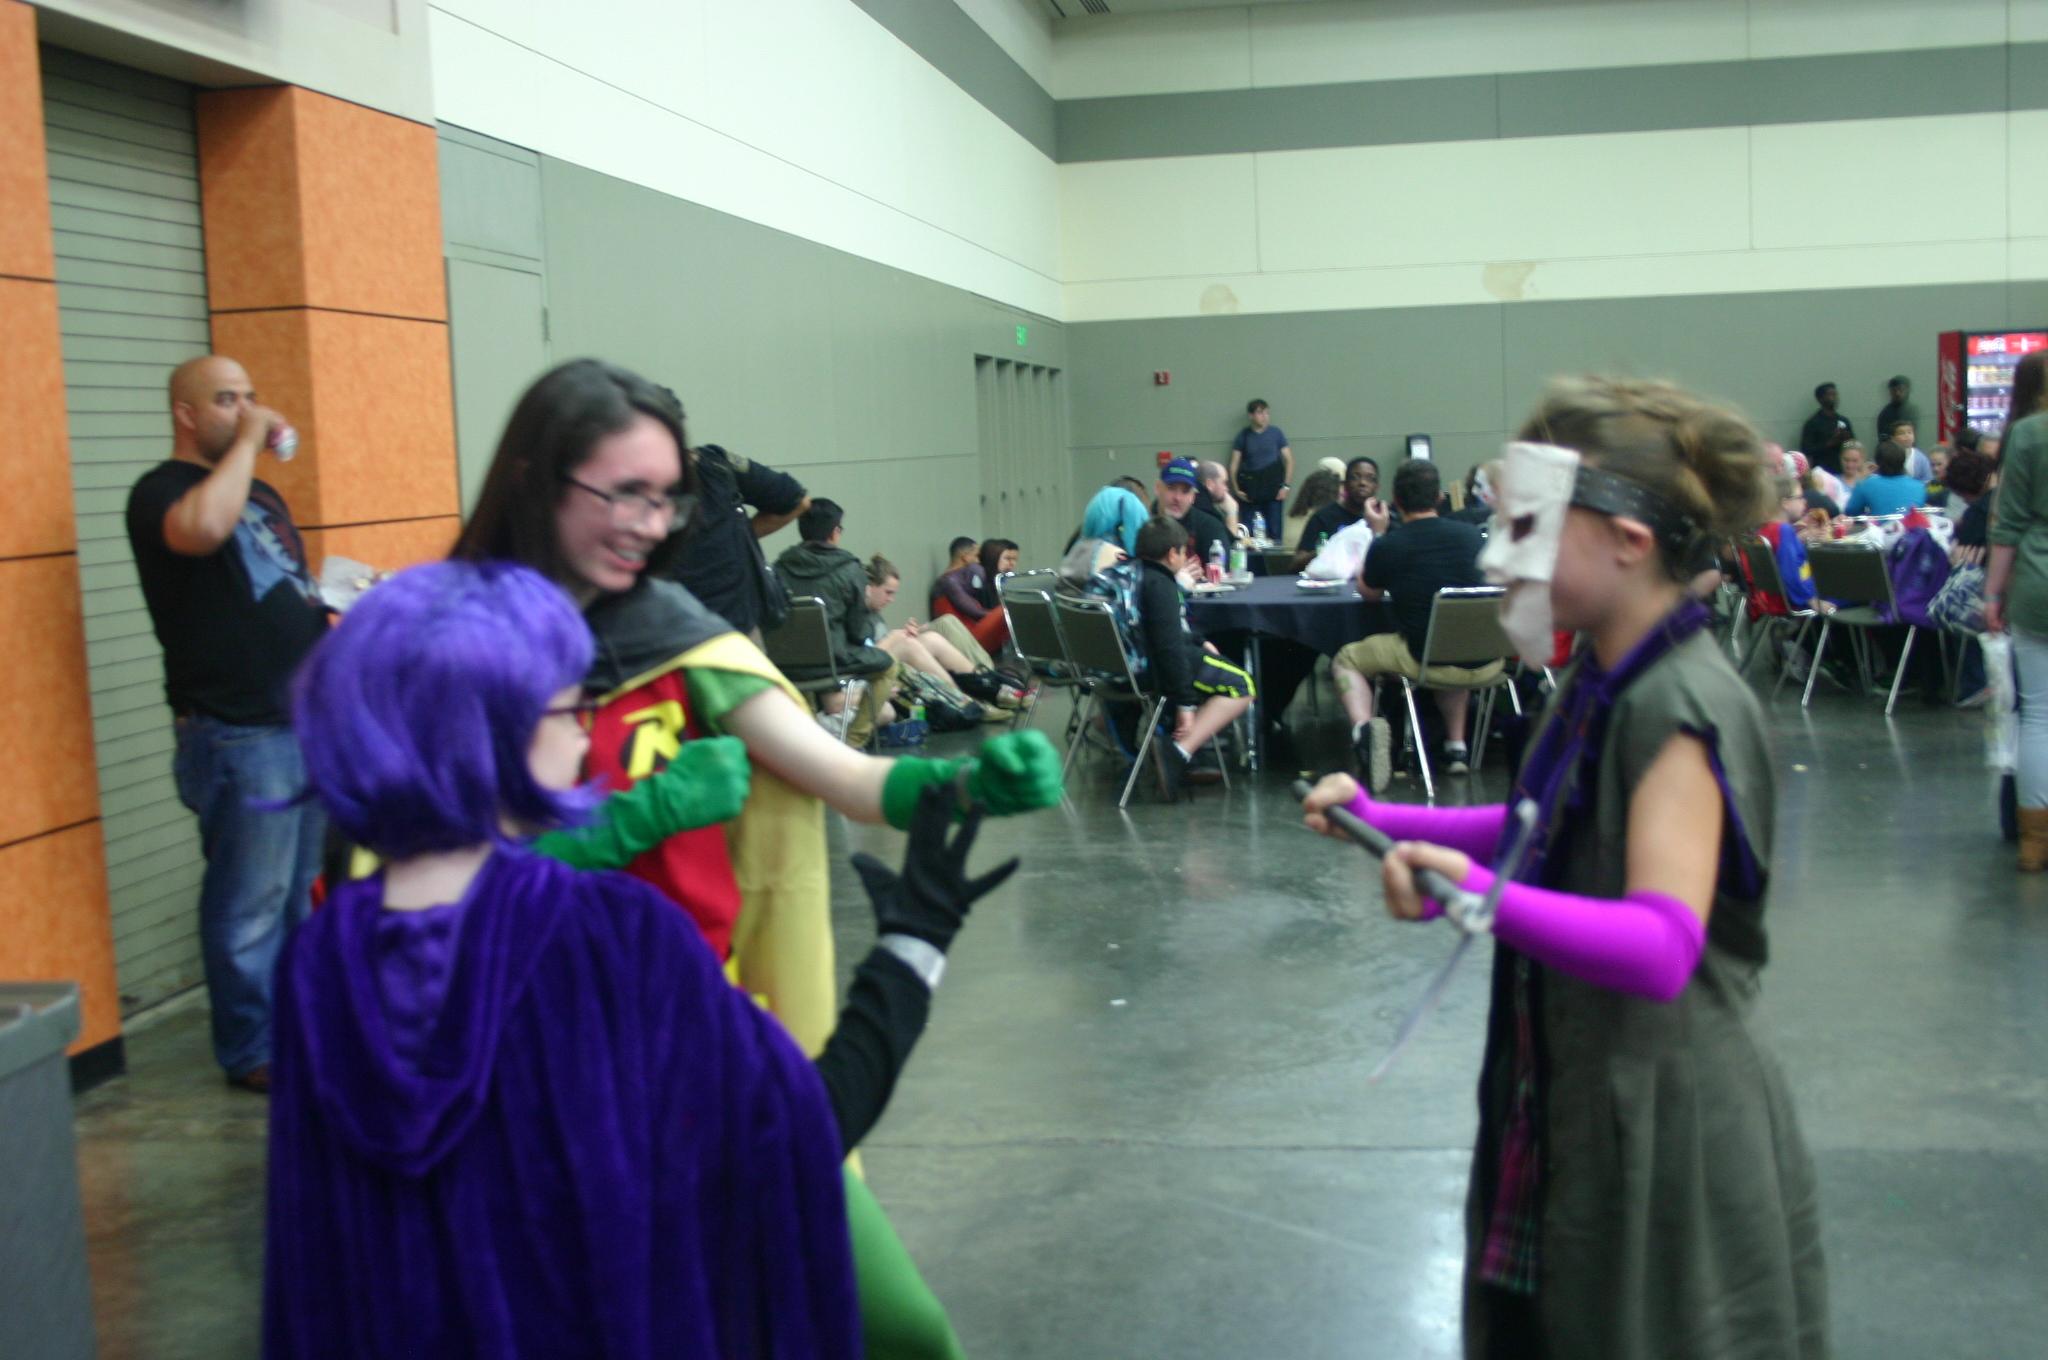 Raven, Robin and Joker's Daughter